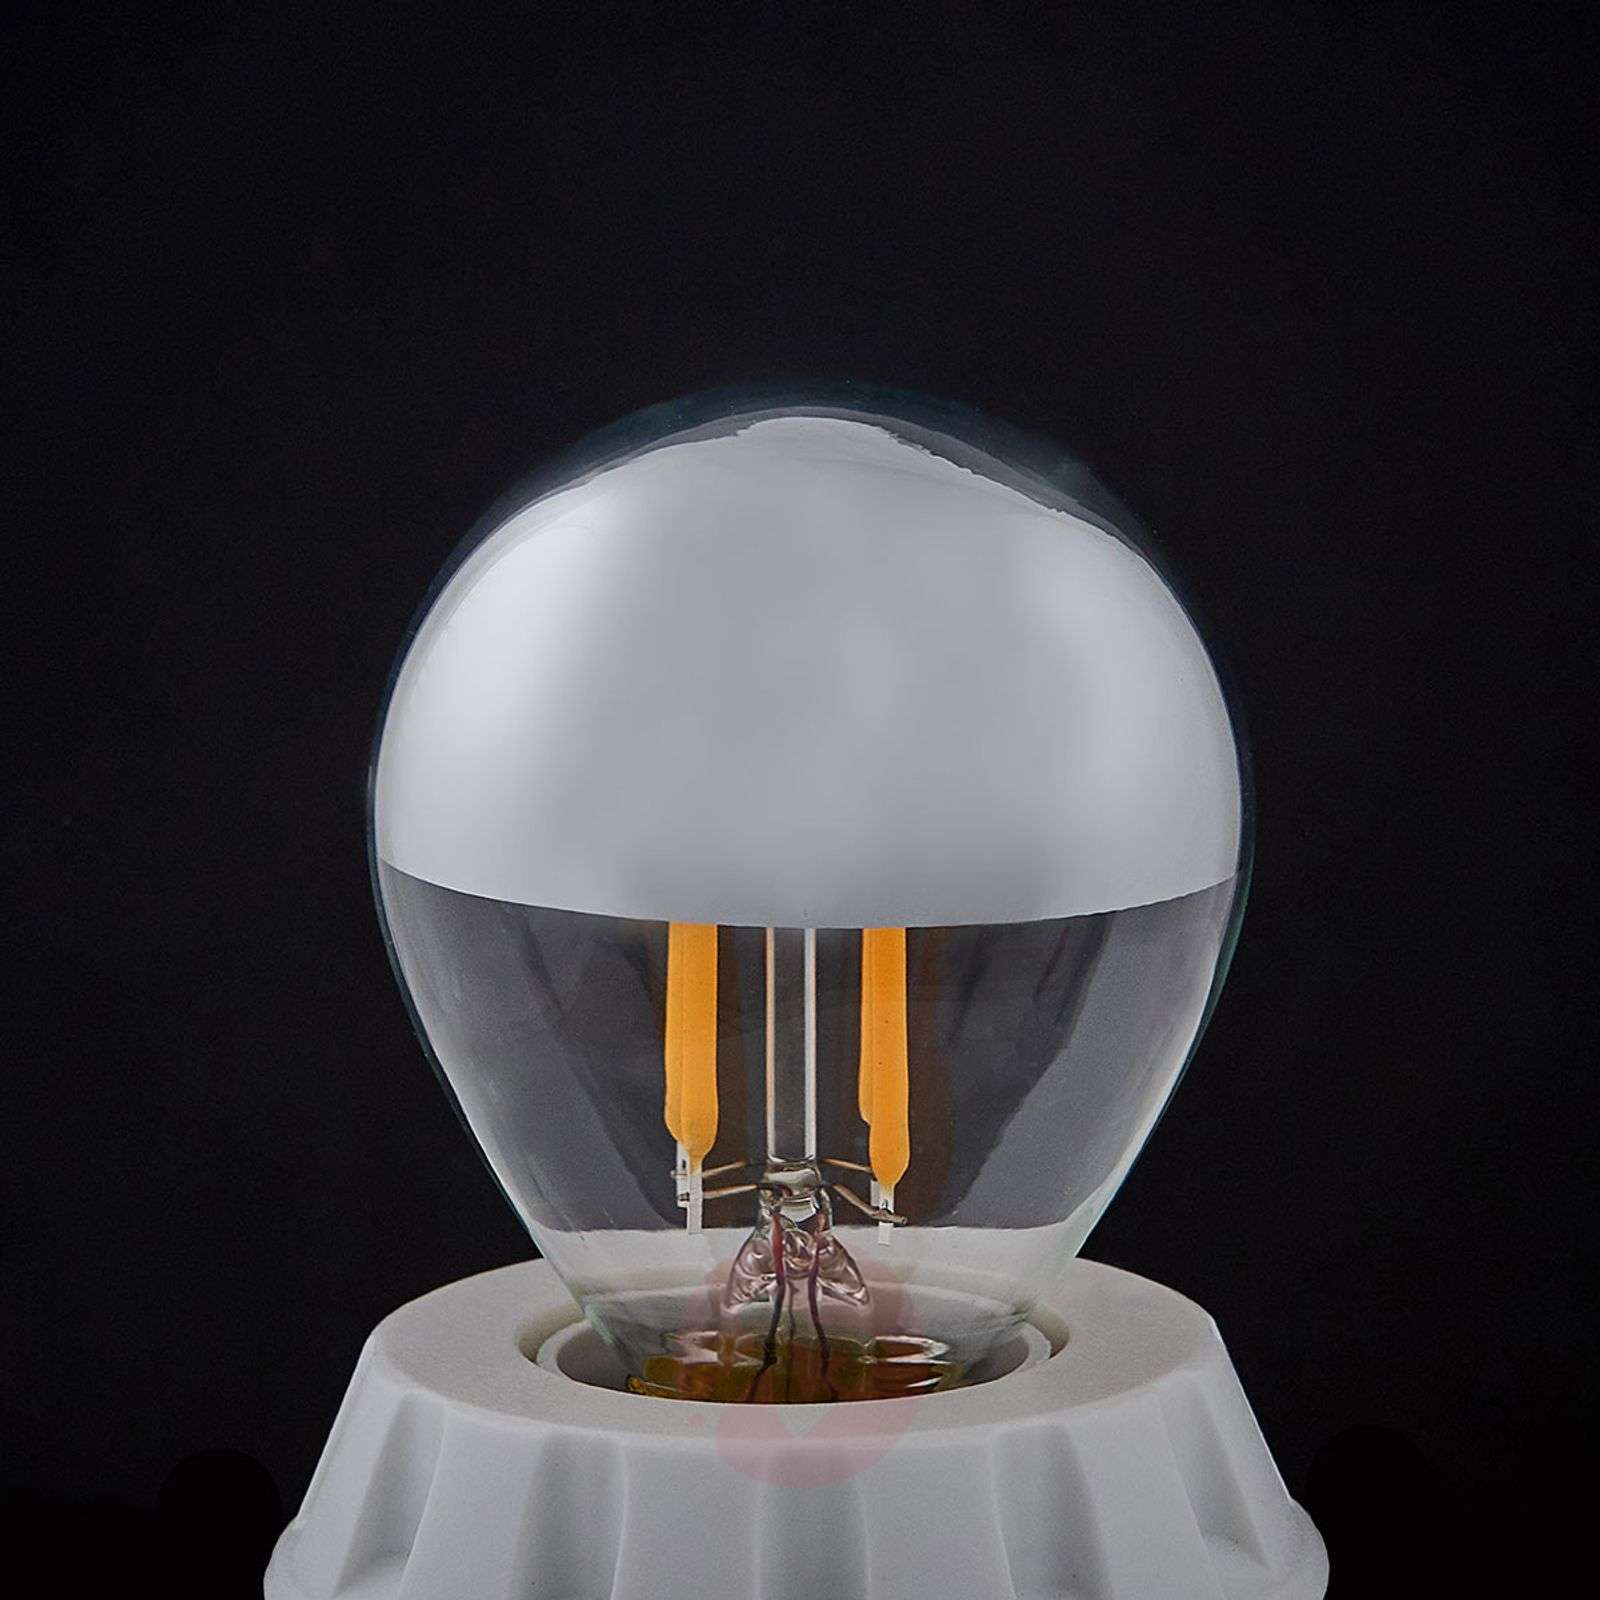 E14-LED-pääpeililamppu 4W 2700K 380lm filamentti-9993045-01